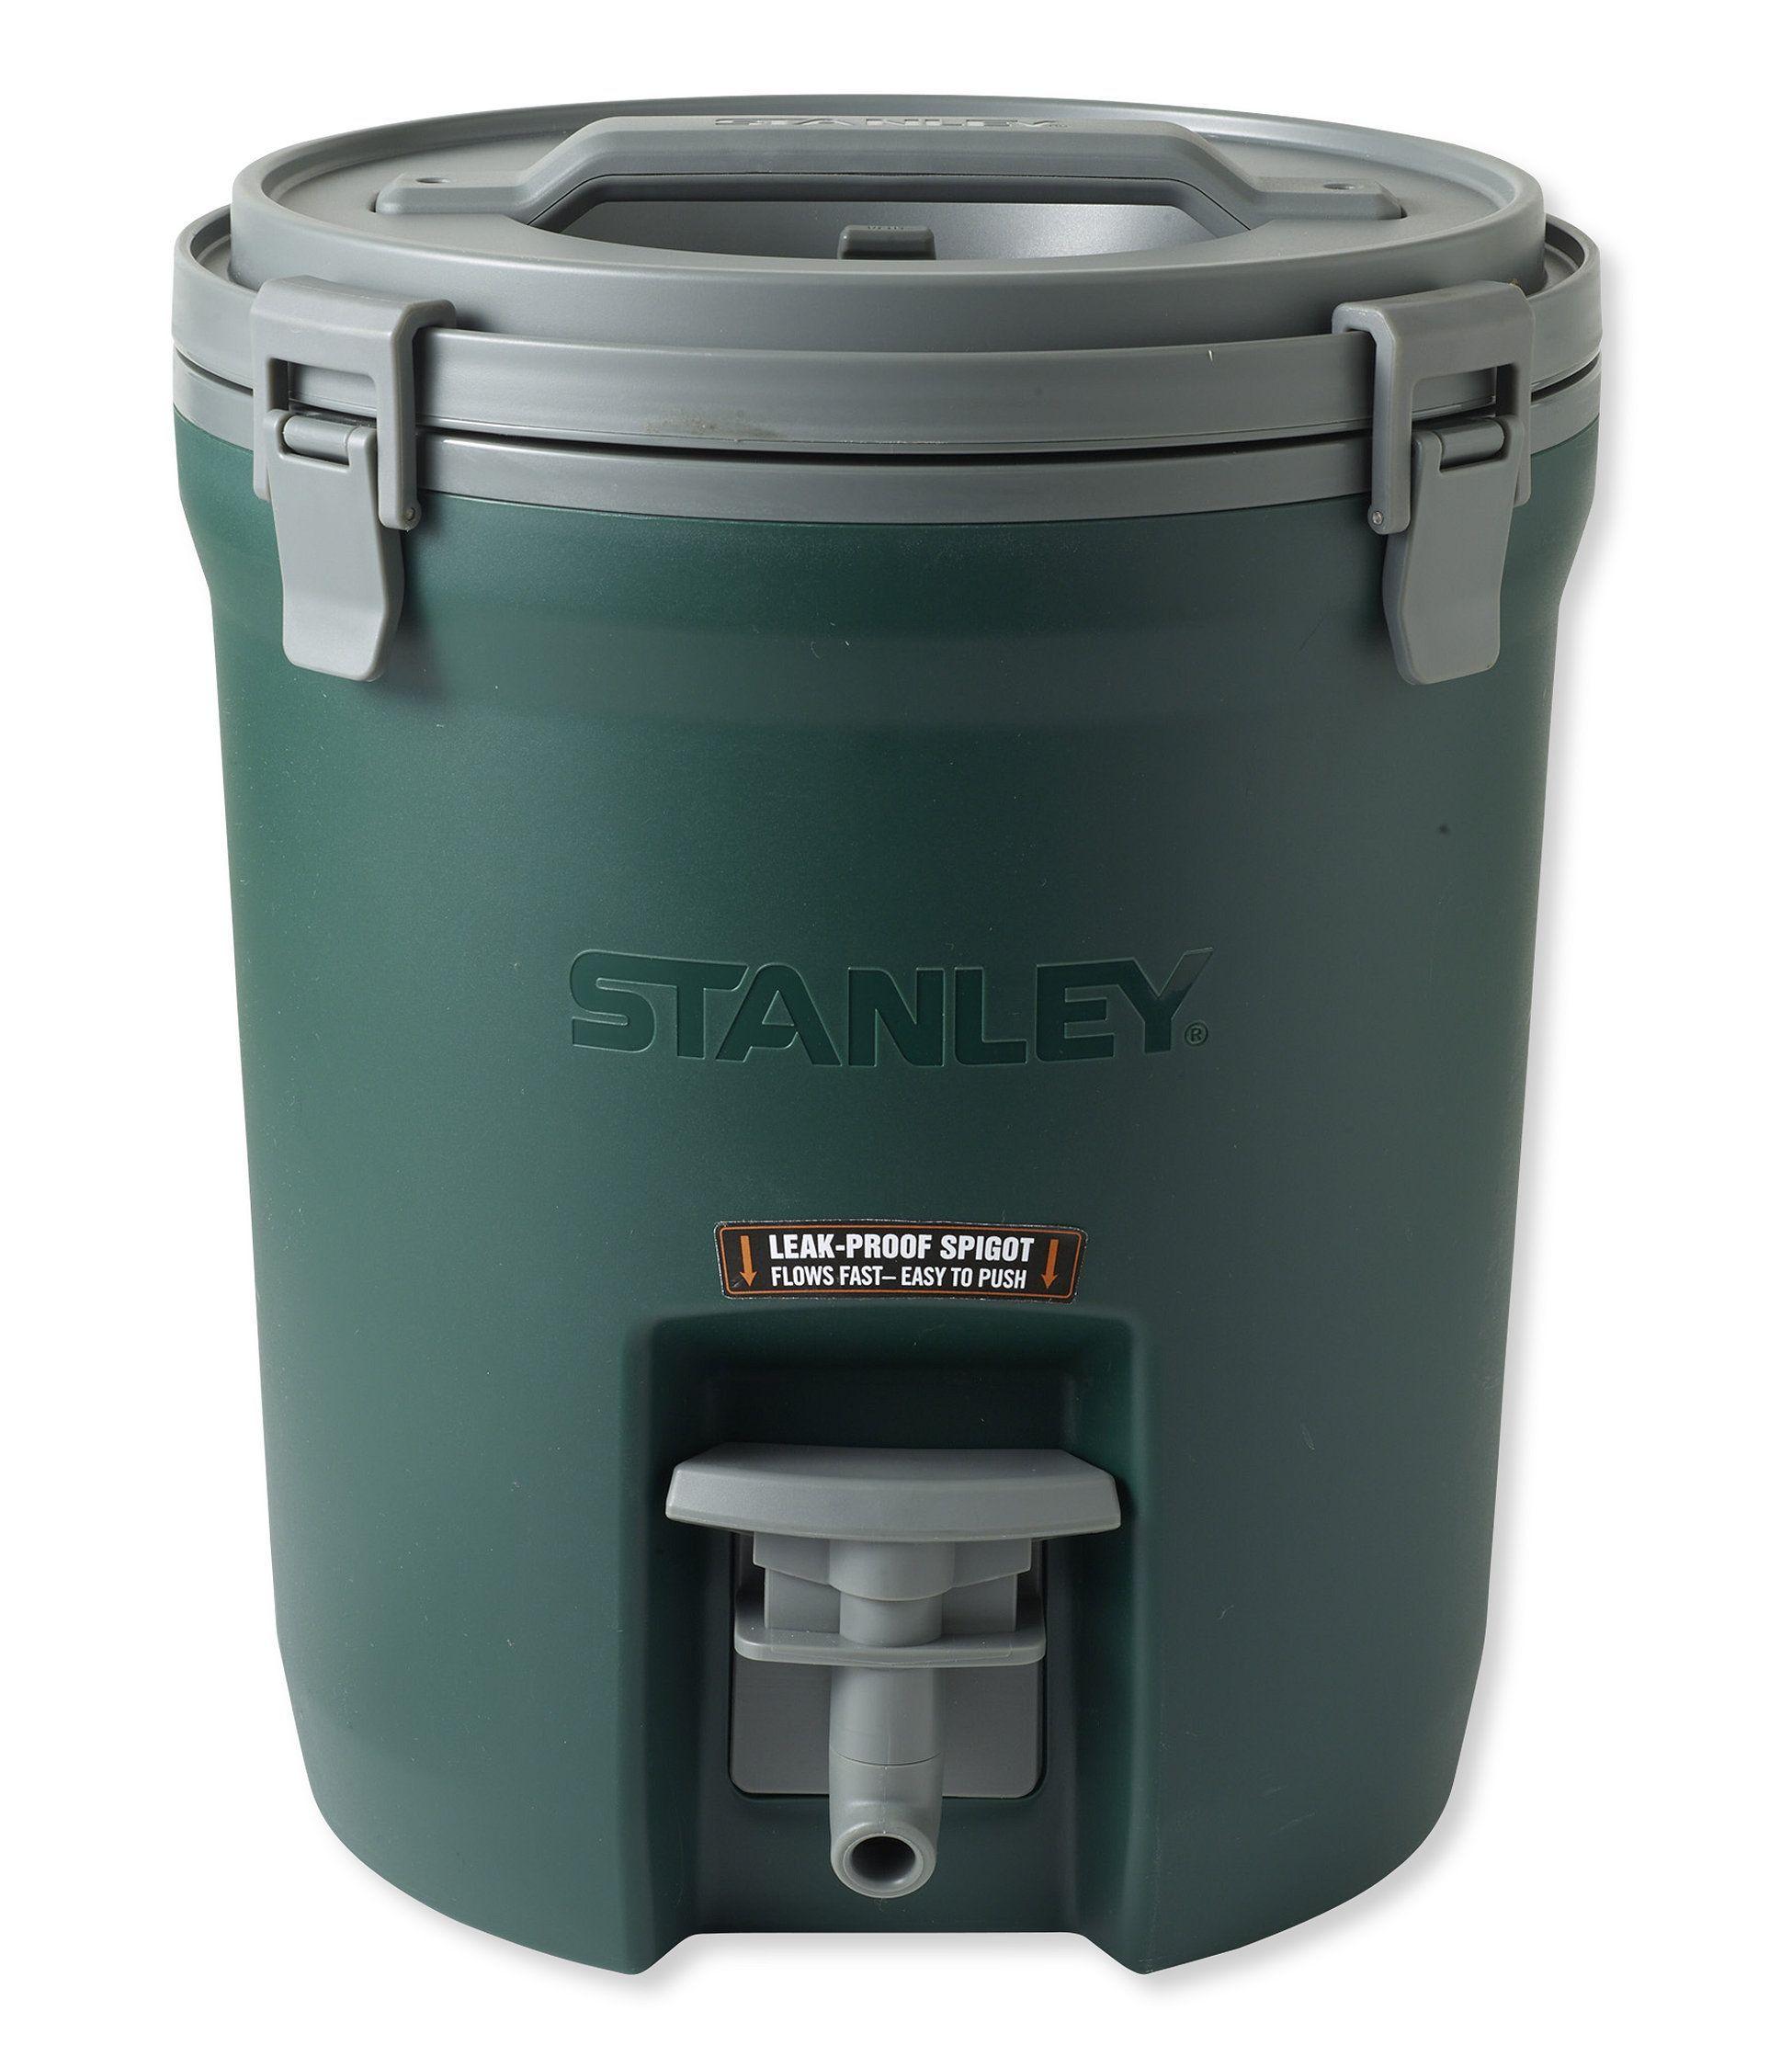 Stanley Adventure Water Jug 2 Gallon Free Shipping At L L Bean Water Jug Stanley Adventure Gallon Water Jug